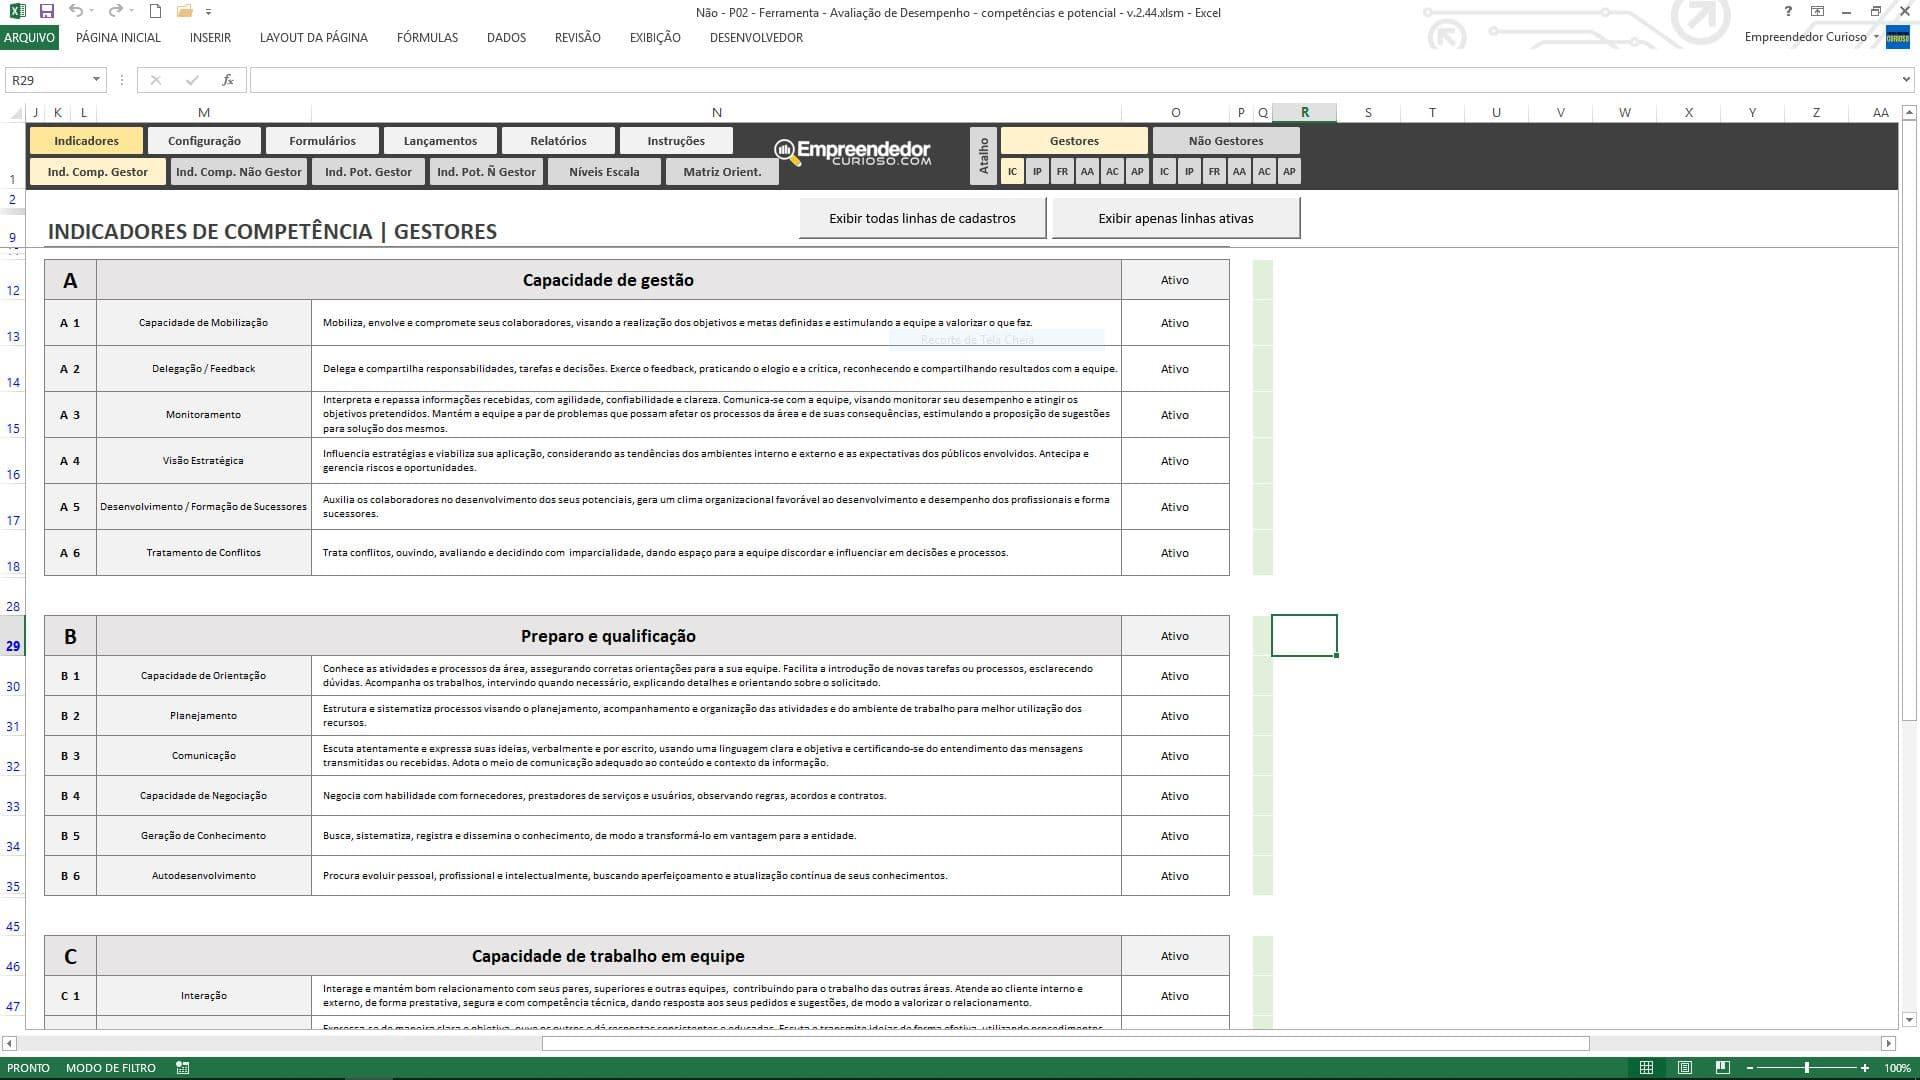 Planilha de avaliação de desempenho de funcionário - Indicadores de Competências para Gestores